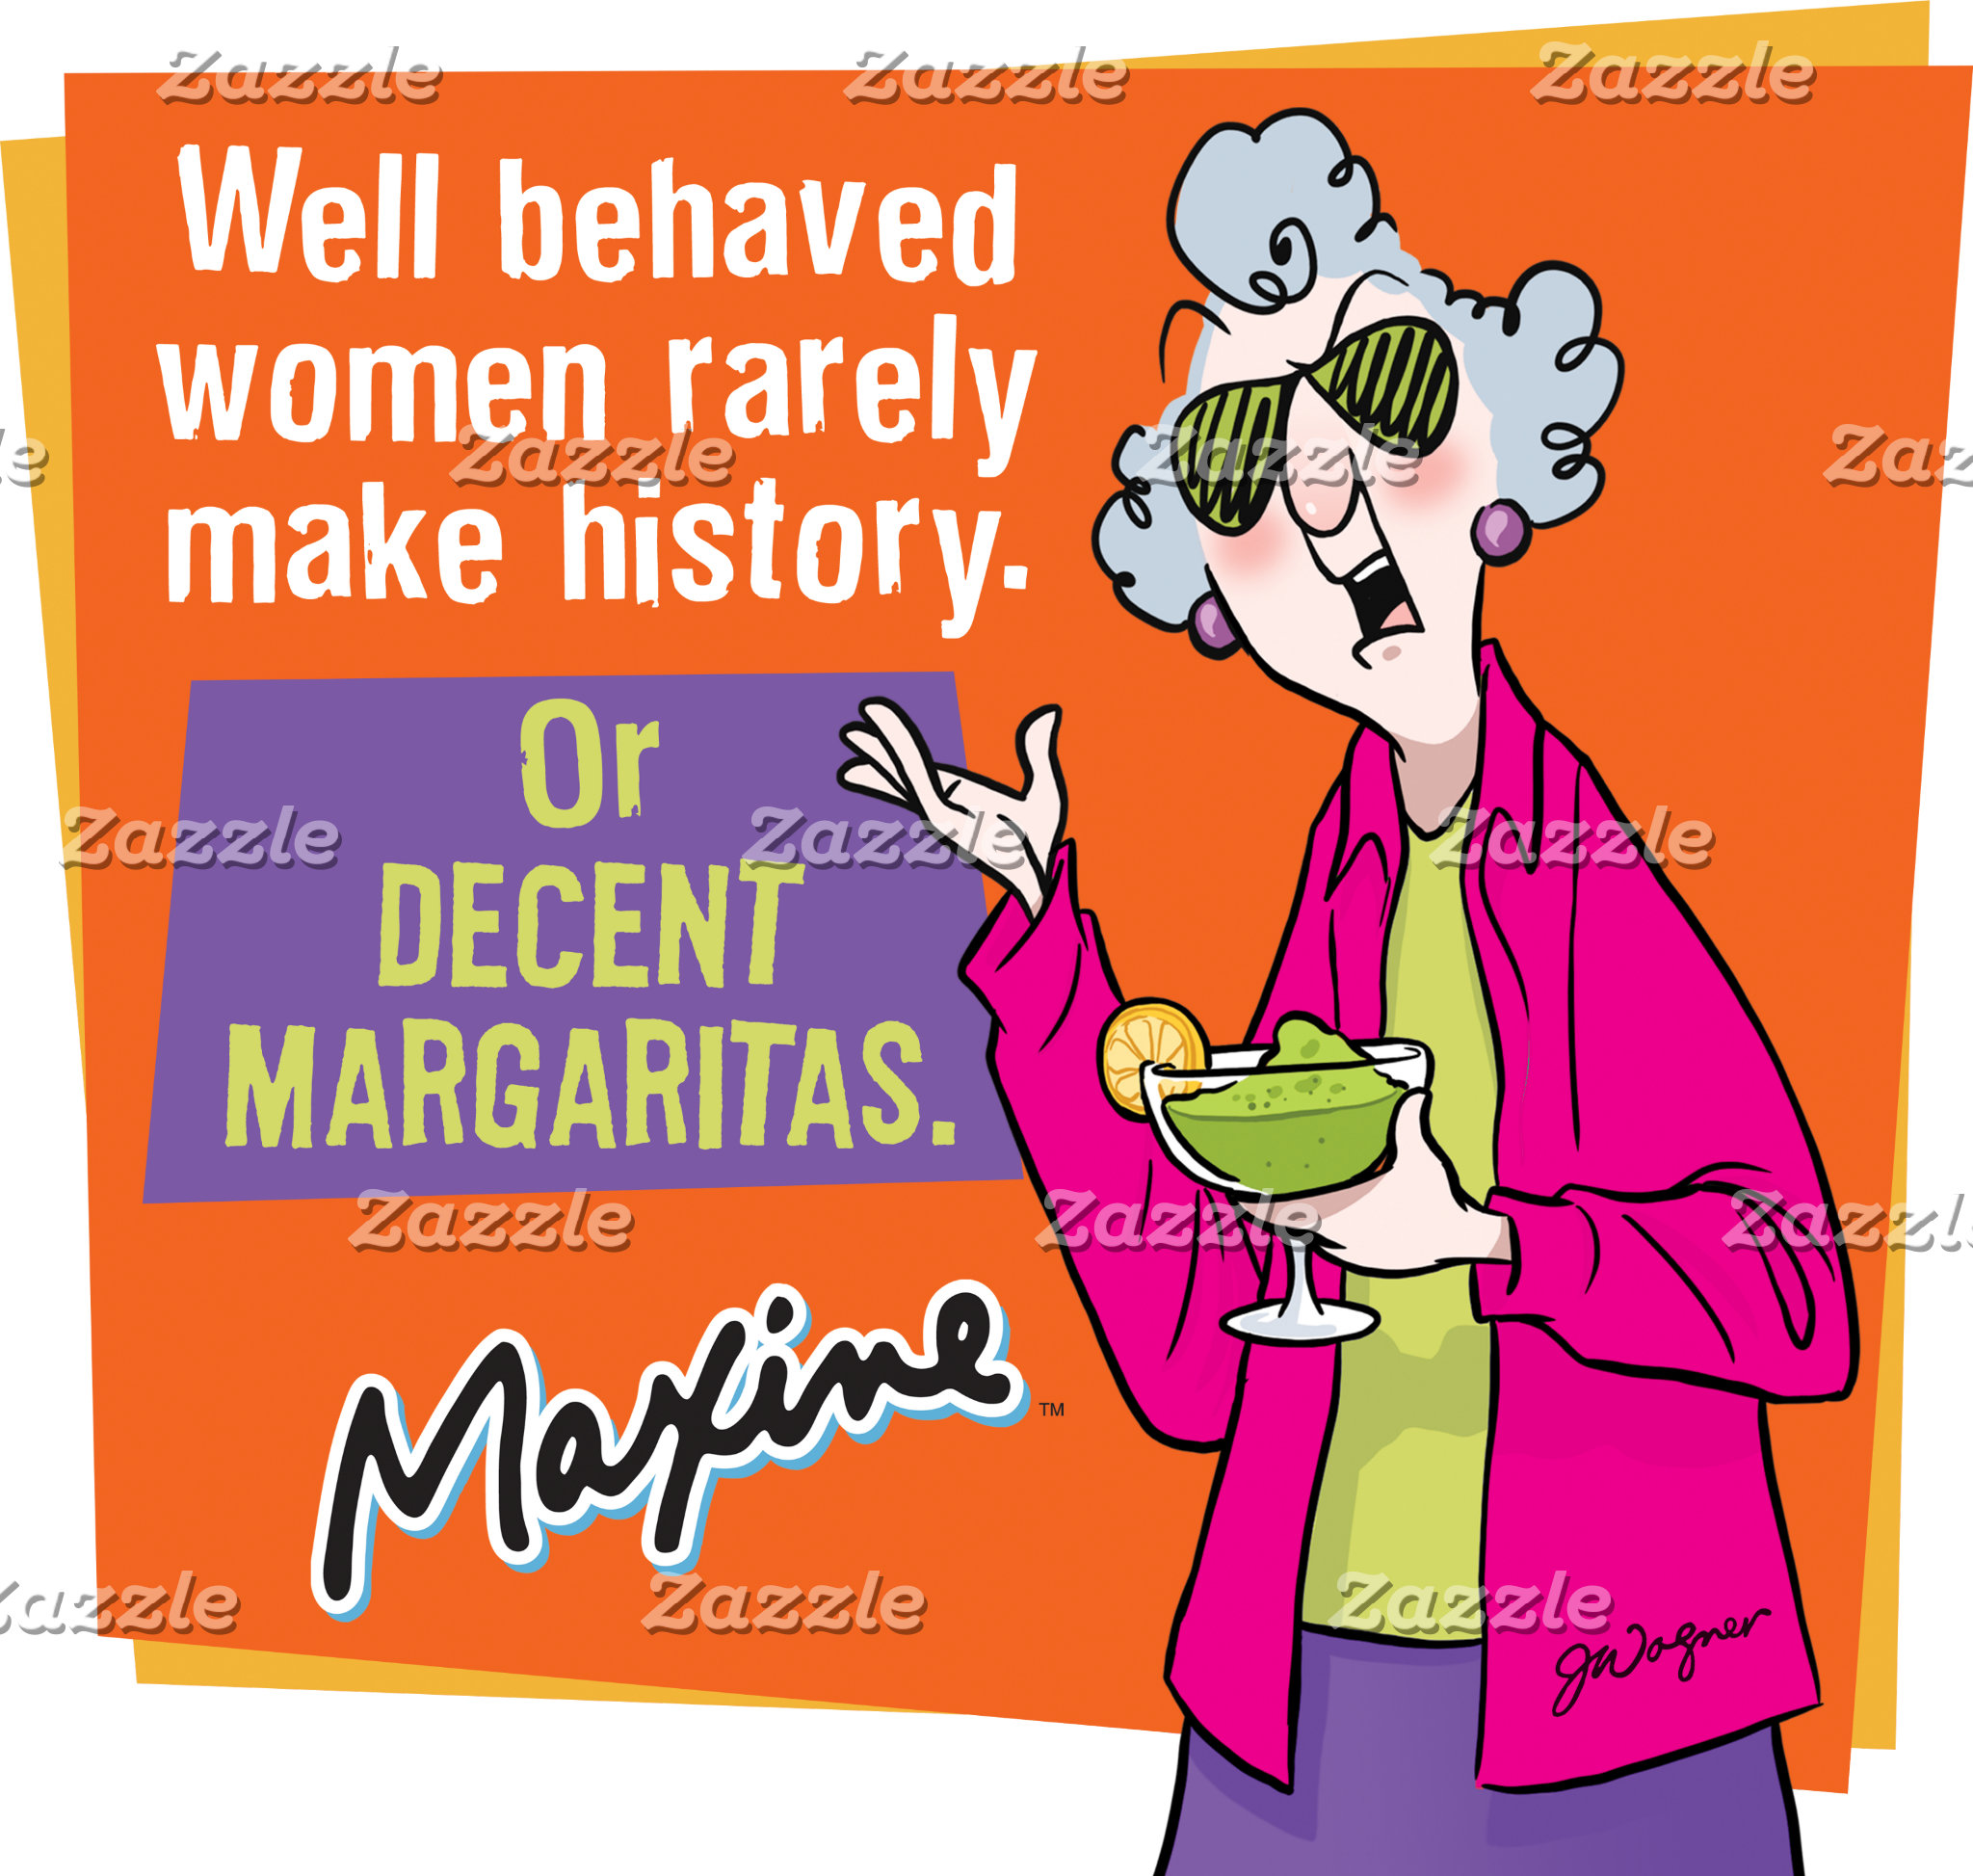 Maxine   Margaritas